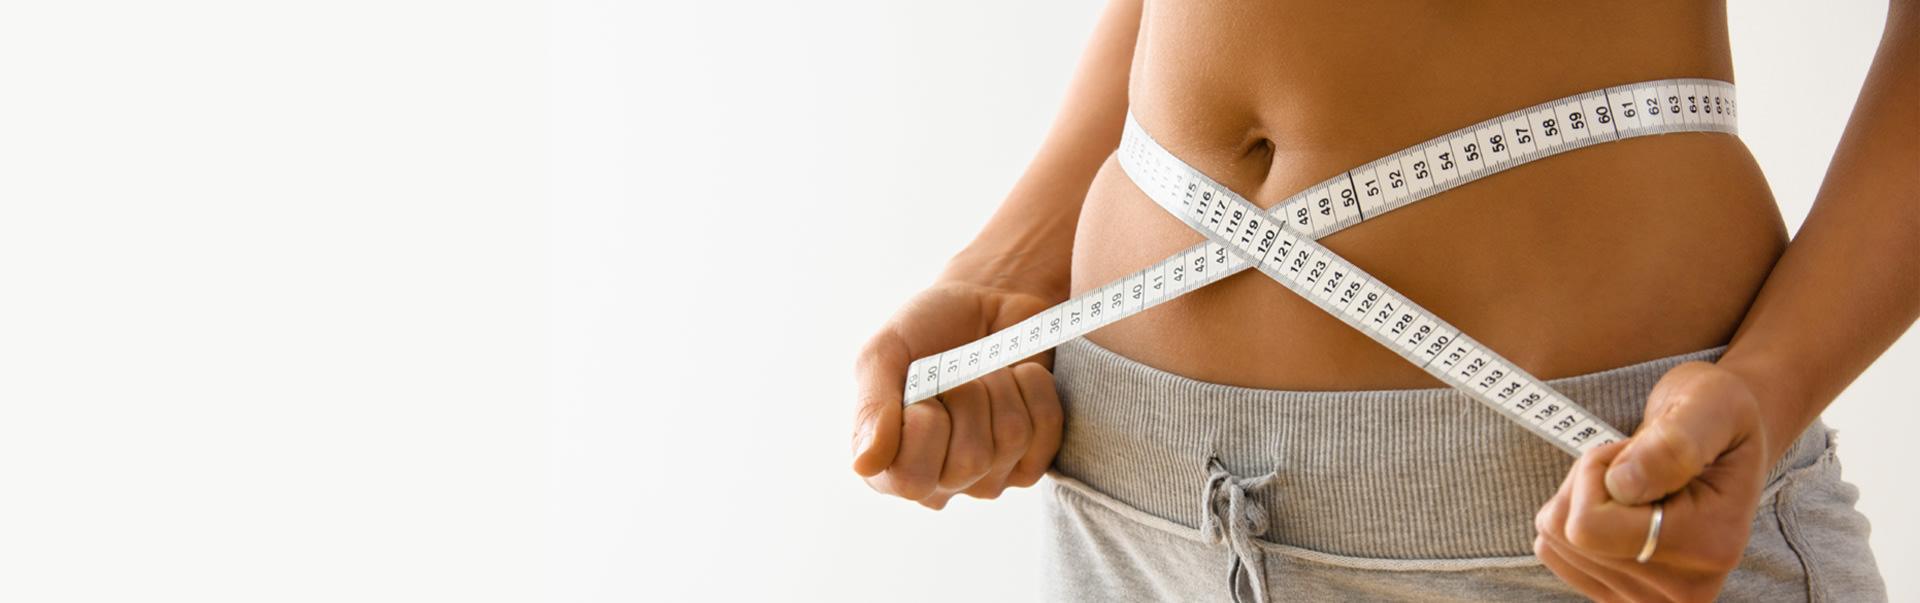 """Résultat de recherche d'images pour """"lose weight"""""""